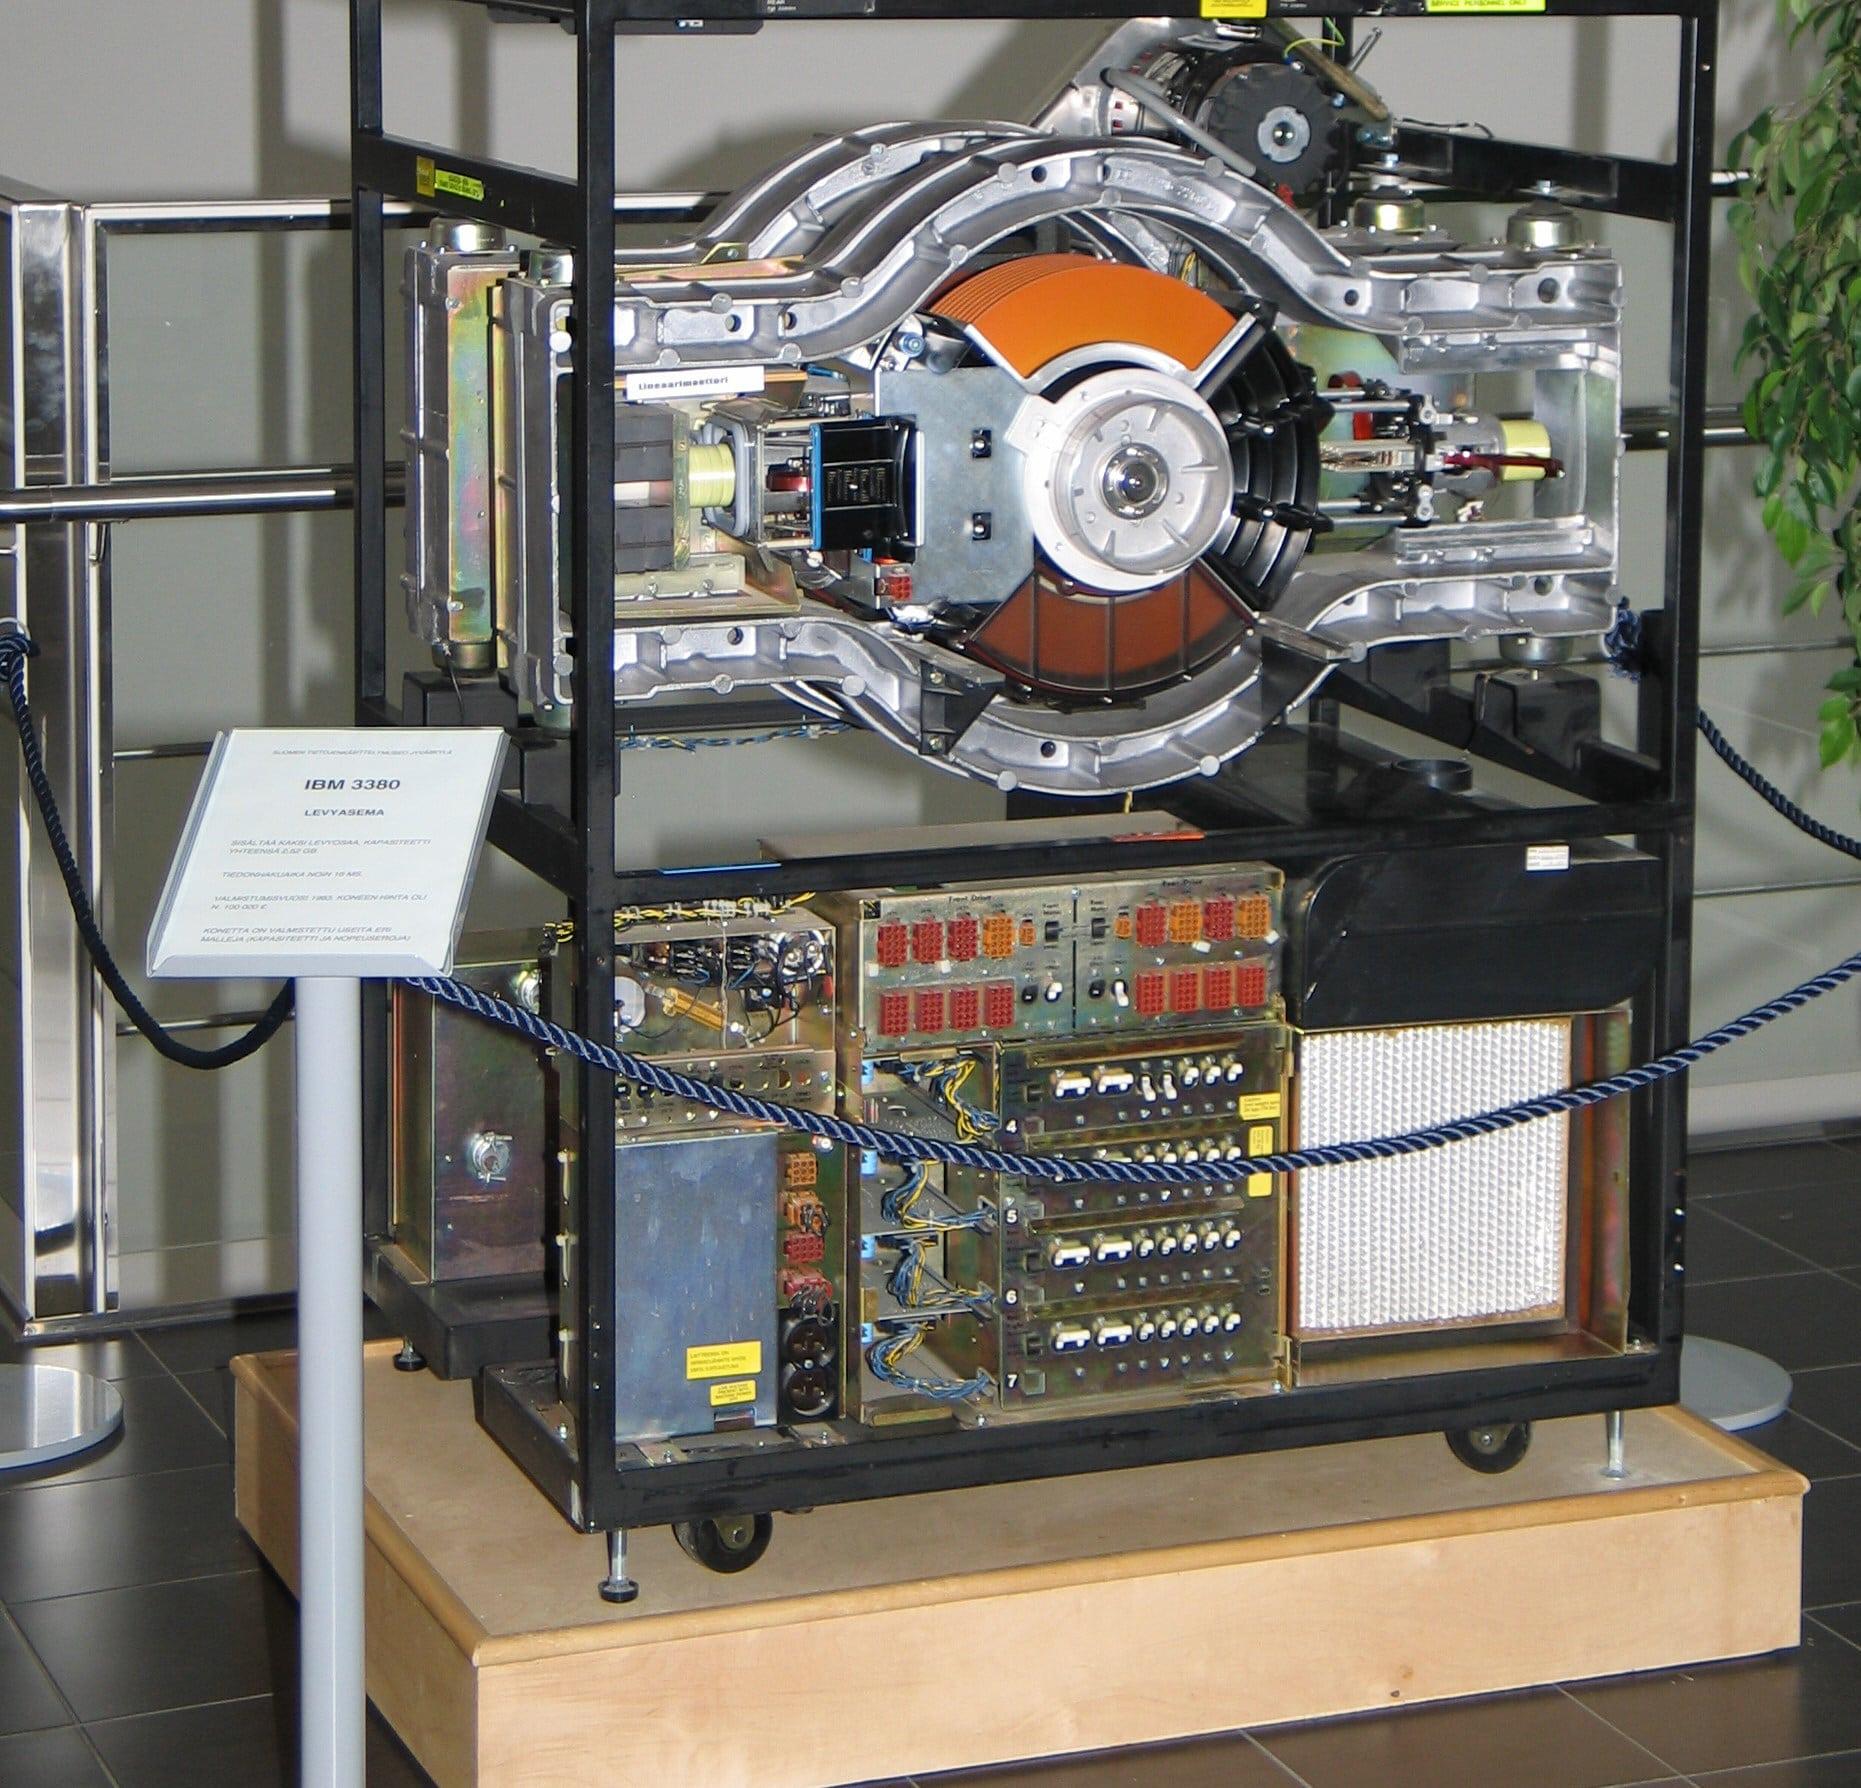 IBM 3380, den første gigabyte